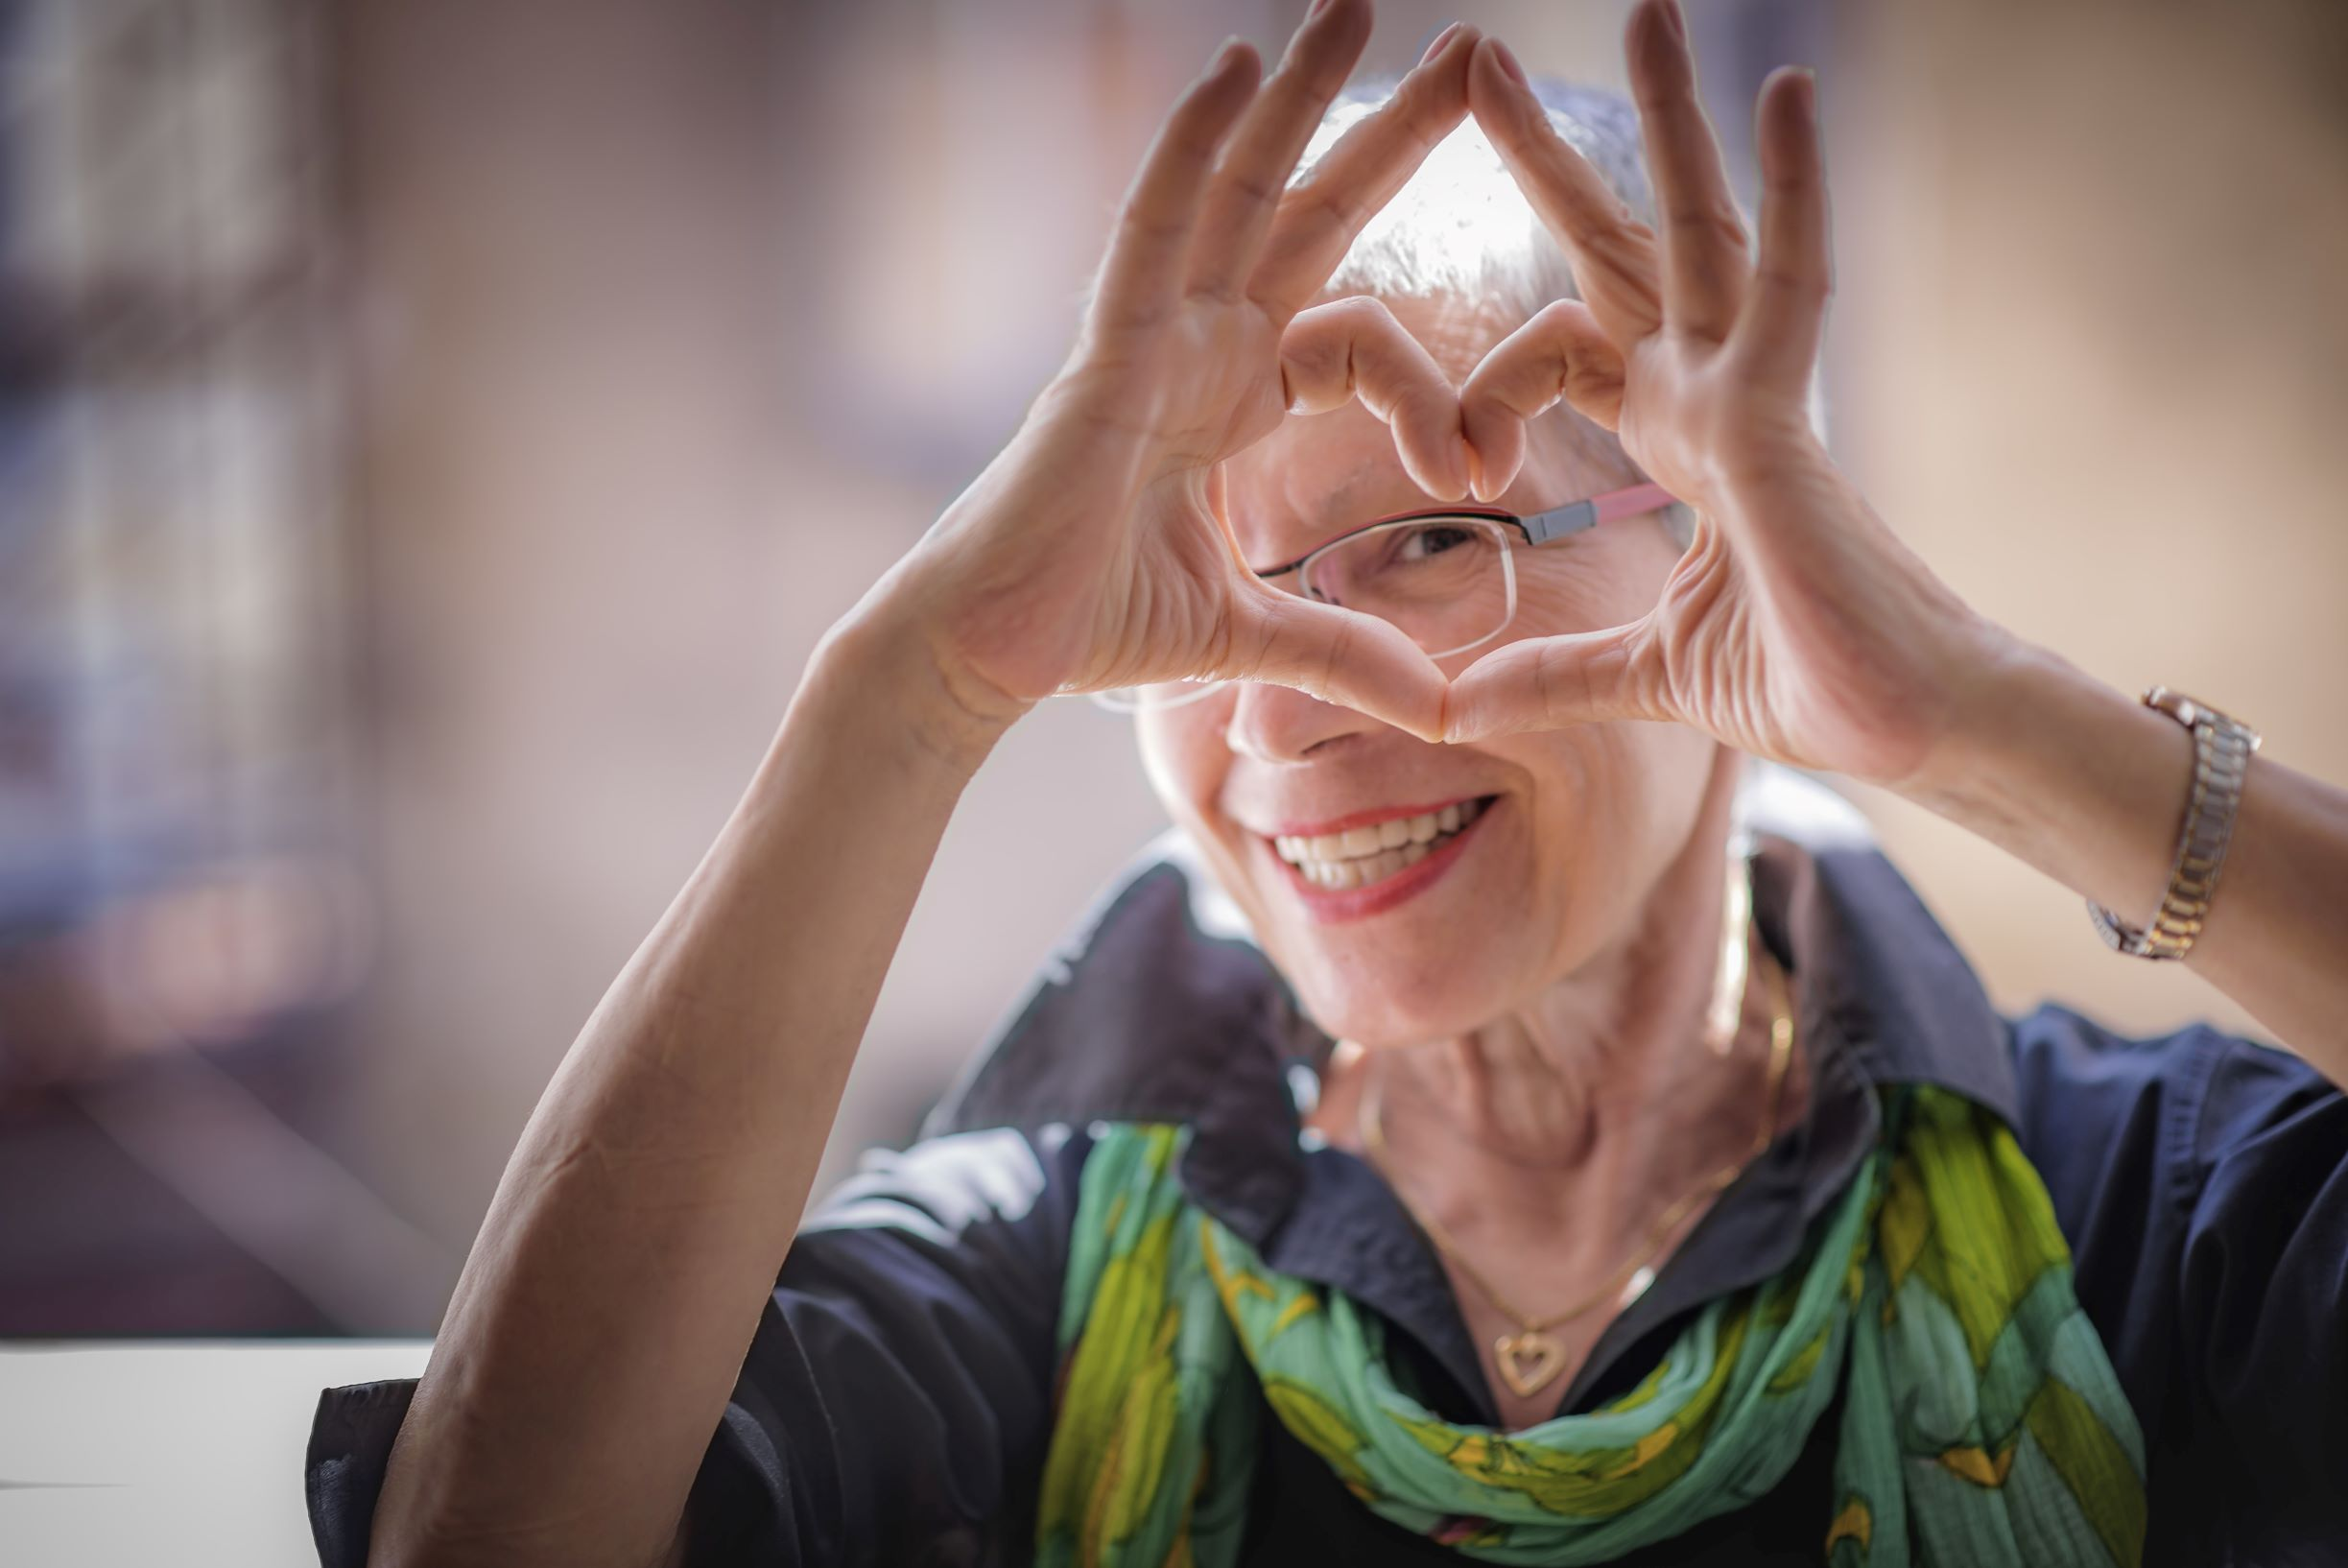 heartolderwoman632 a